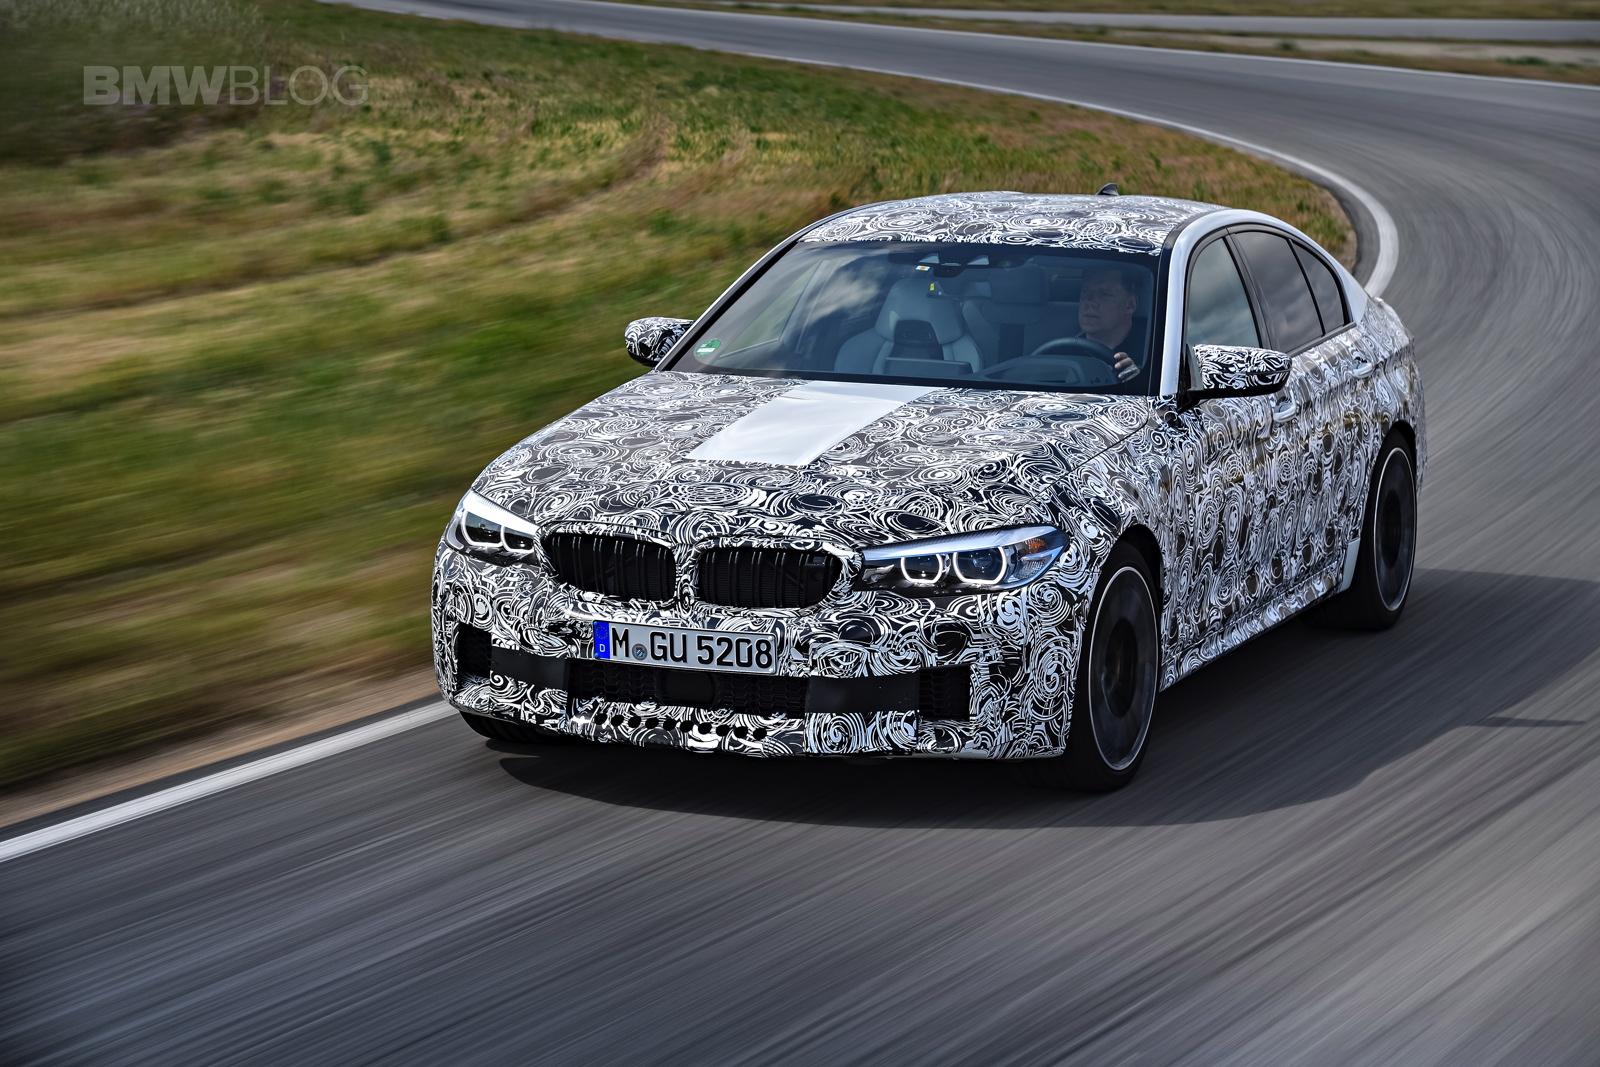 2018 BMW M5 pre production drive 24